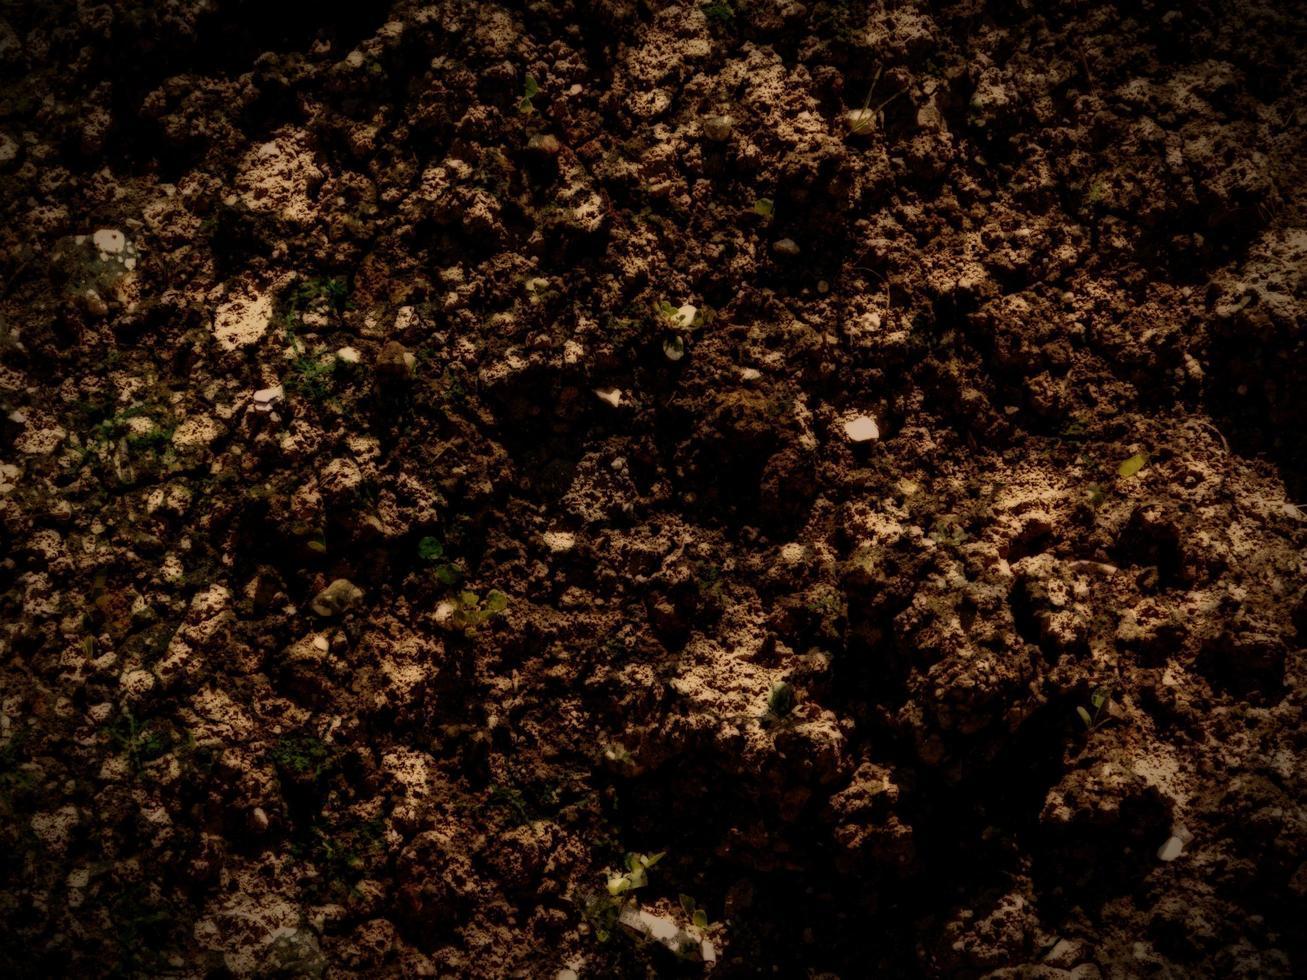 trama della terra scura foto